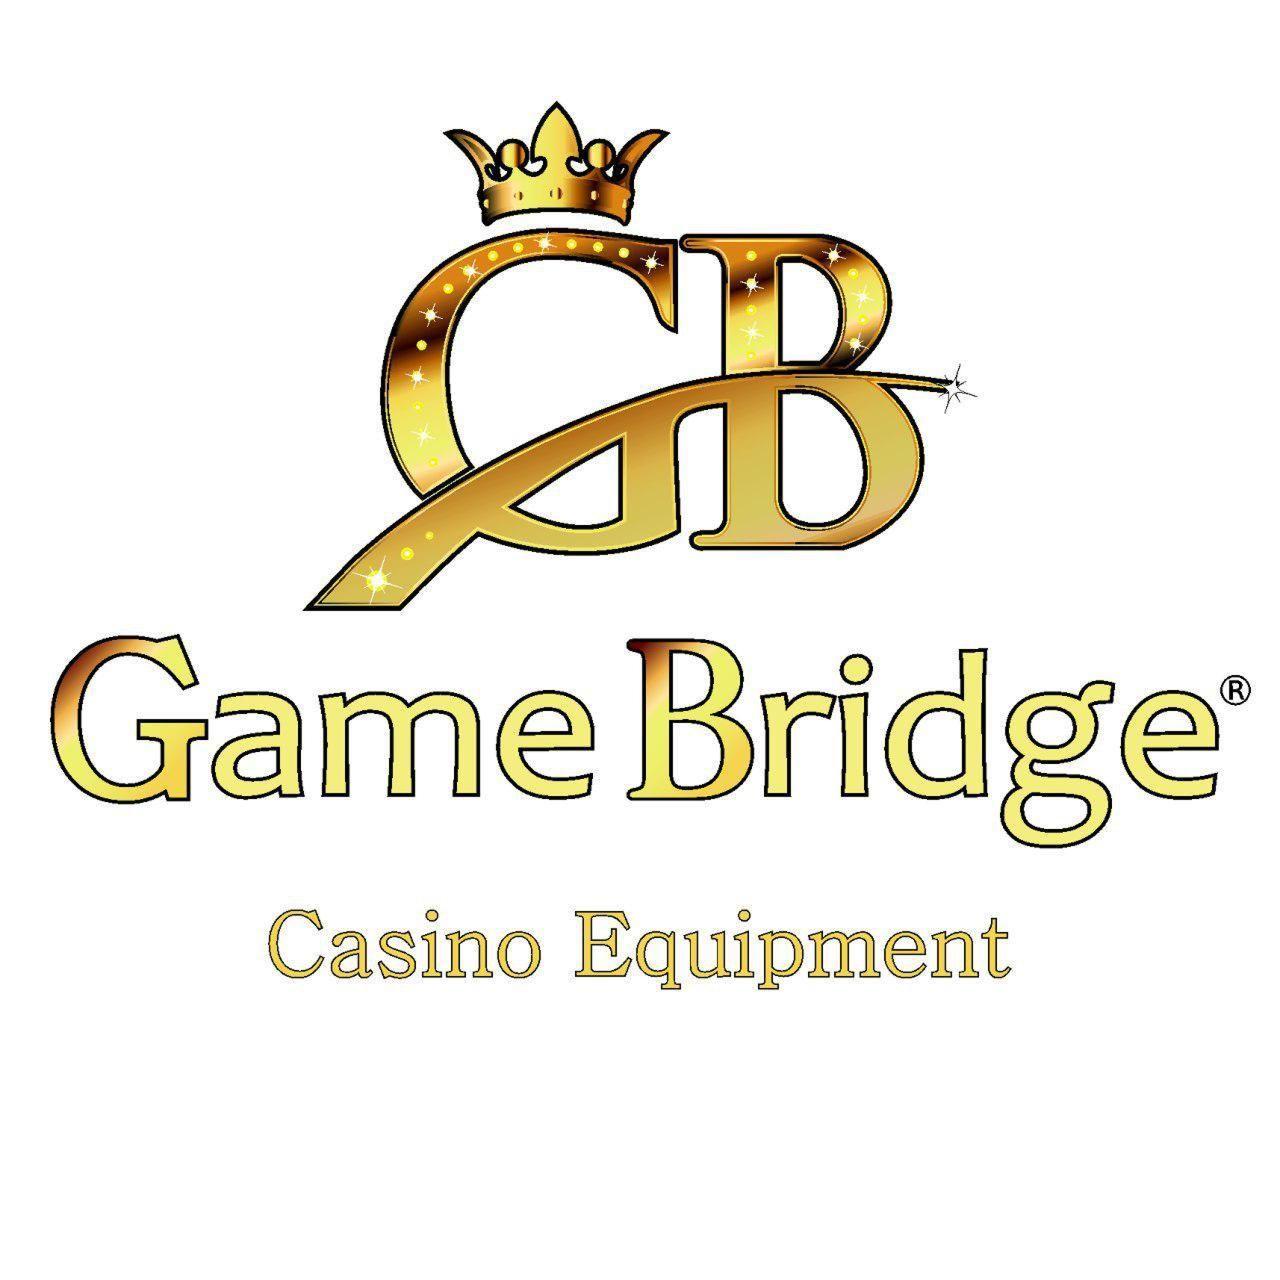 GameBridge